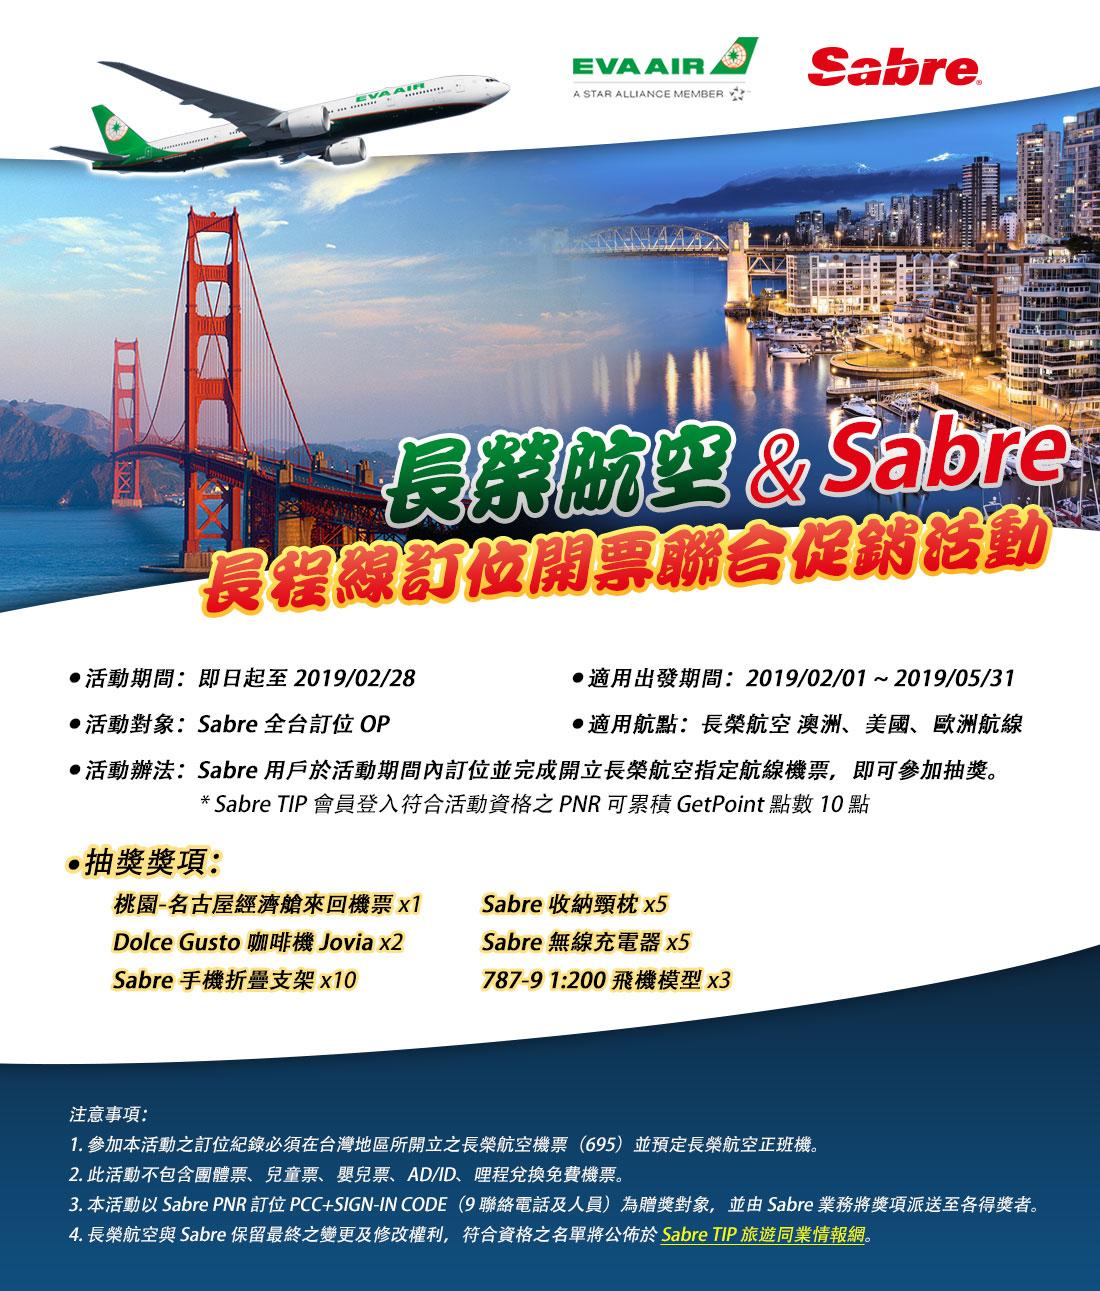 長榮航空 & Sabre 長程線訂位開票聯合促銷活動